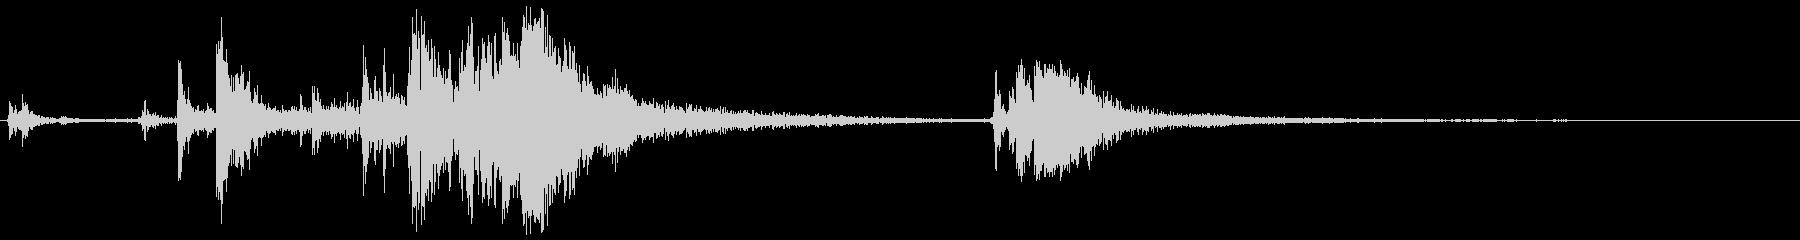 銃 ハンドガン リロード音 リアル系の未再生の波形